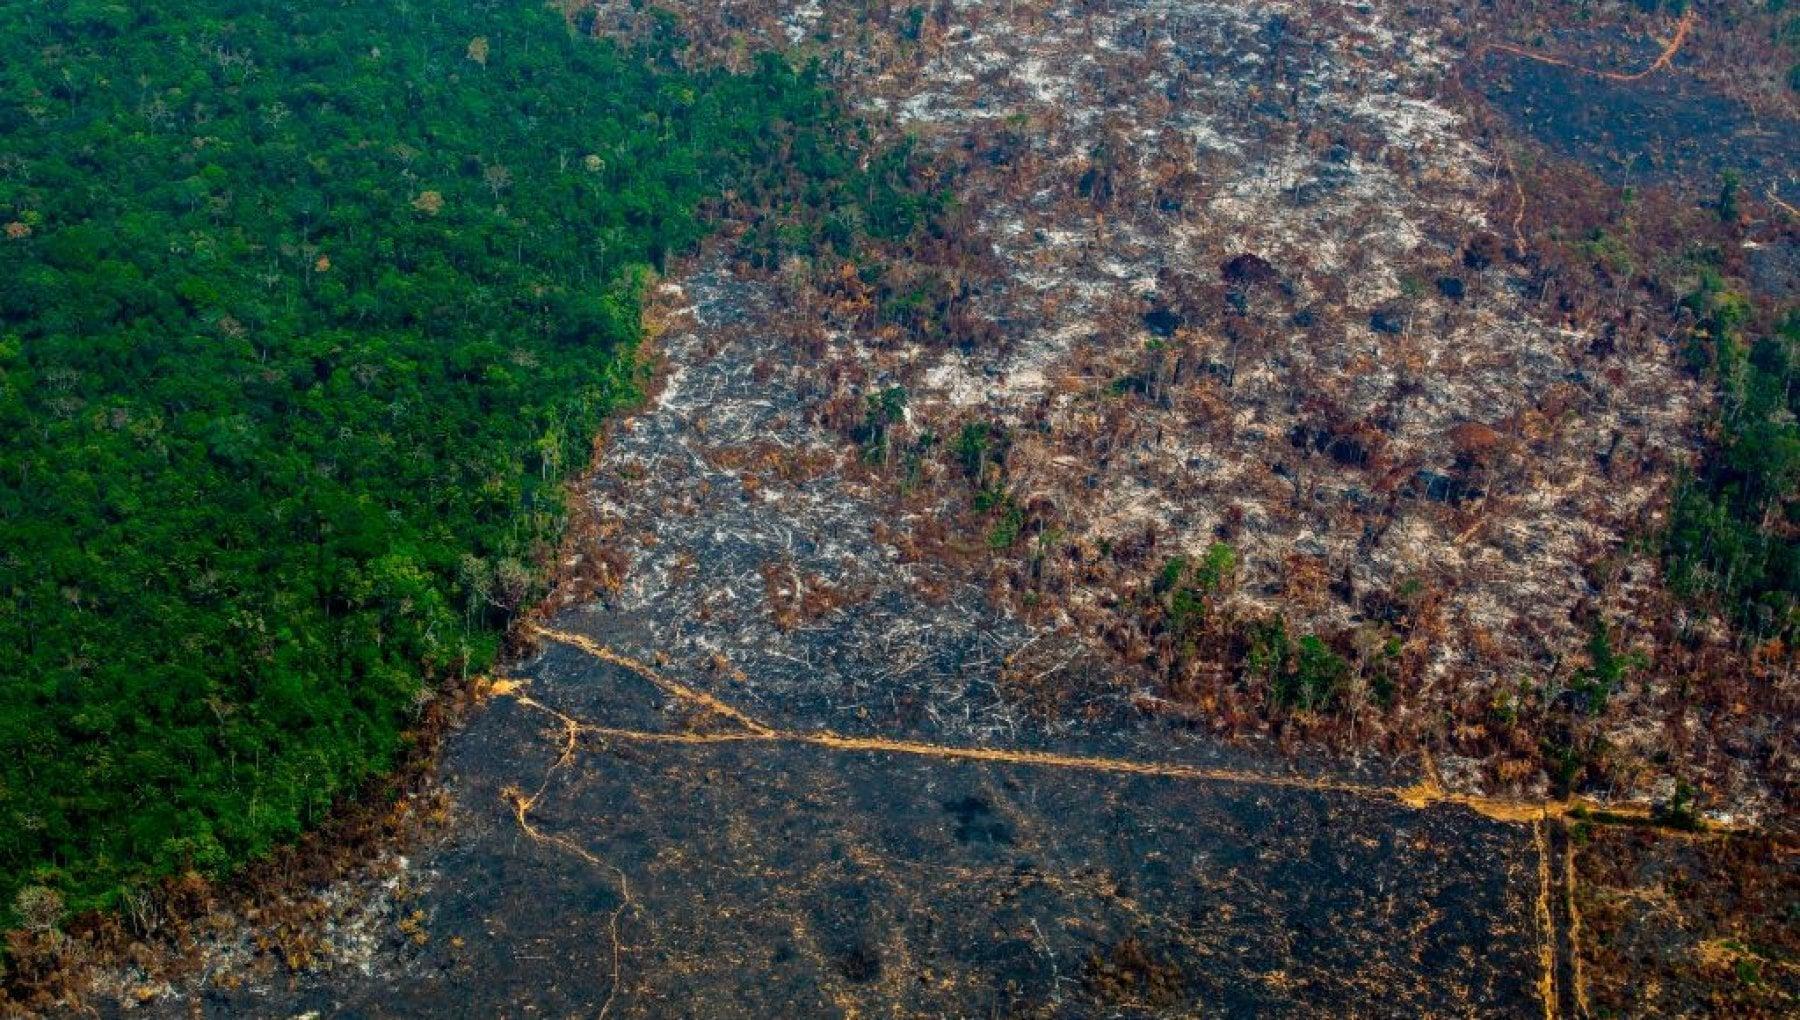 L'Amazzonia rilascia più CO2 di quanta ne riesca ad assorbire